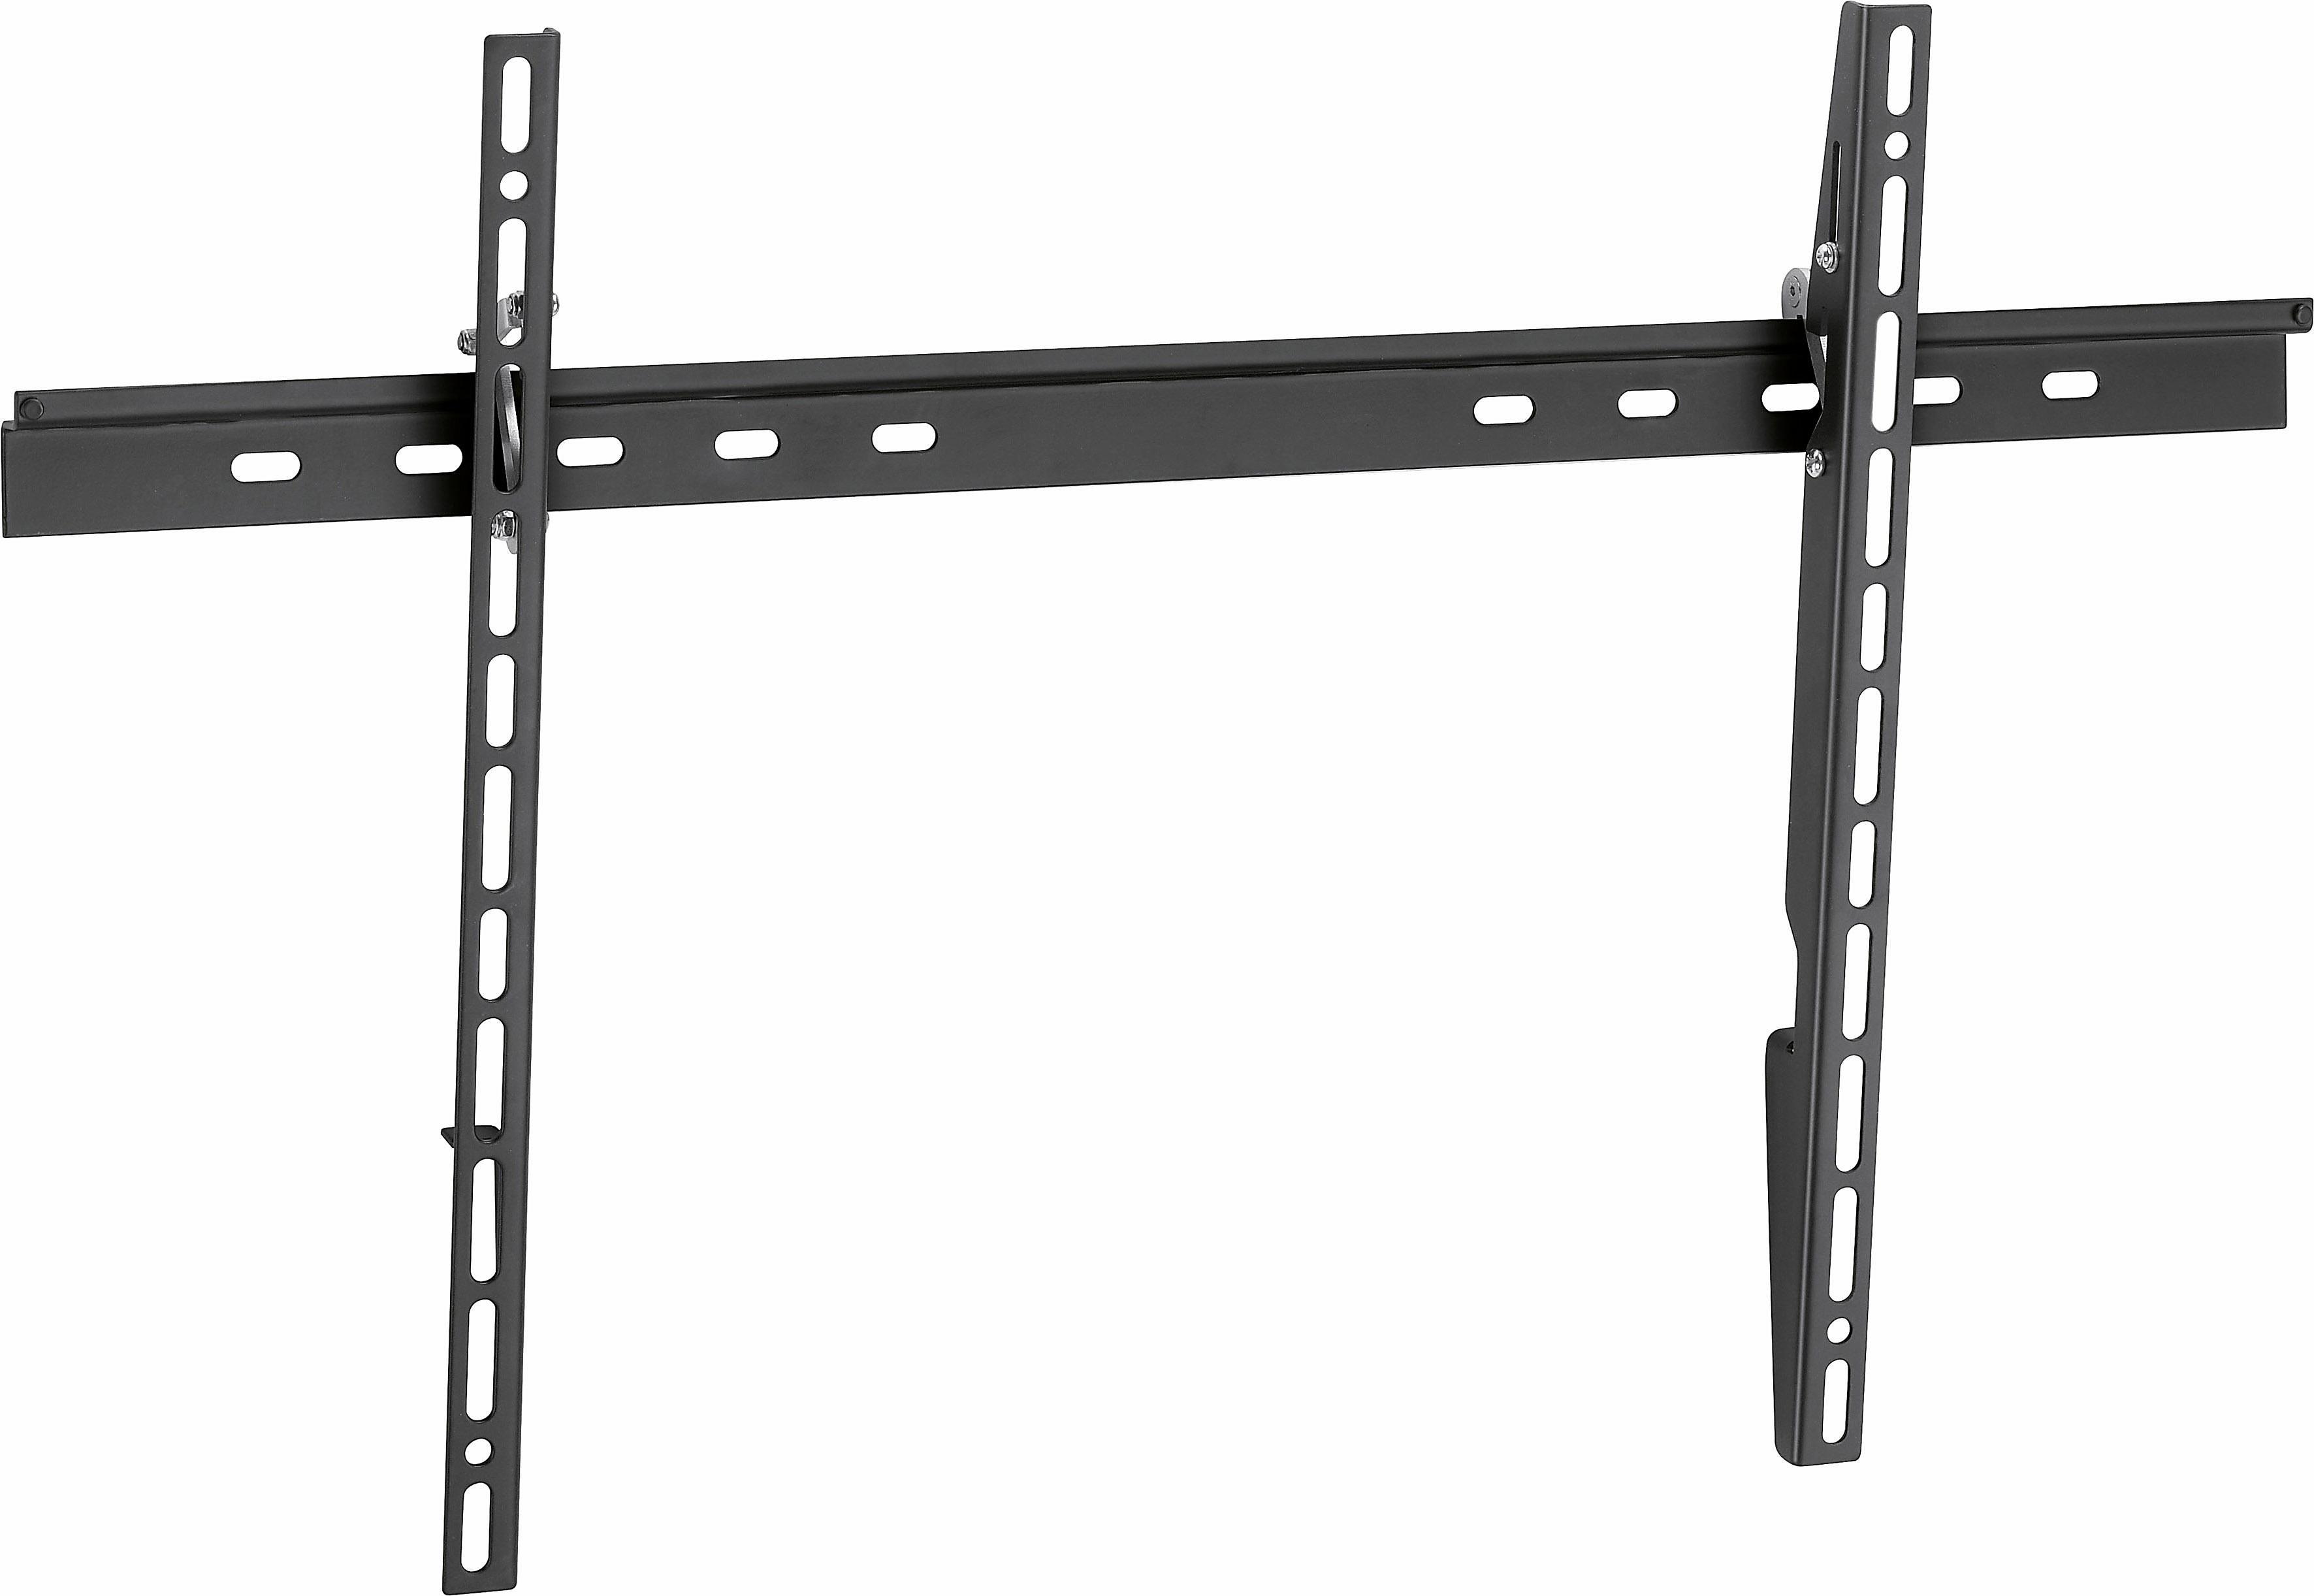 vogel's® TV-Wandhalterung »MNT 302«, neigbar, für 102-165 cm (40-65 Zoll) Fernseher, VESA 600x400